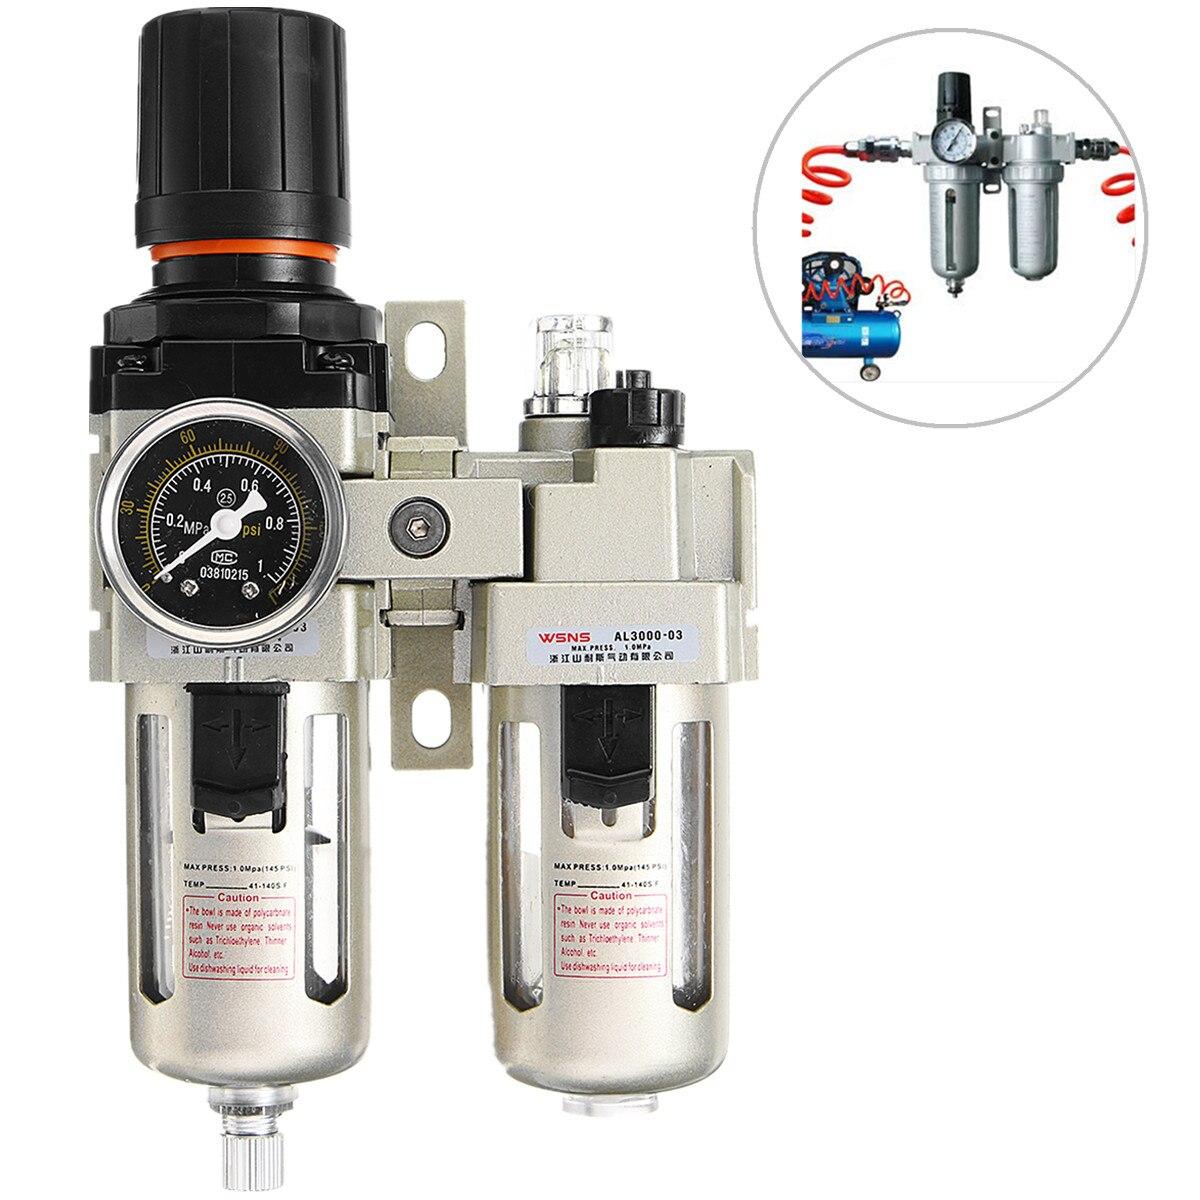 3/8 compresseur d'air lubrificateur d'huile humidité piège à eau filtre régulateur jauge en alliage d'aluminium pièces pneumatiques matériel mécanique - 4